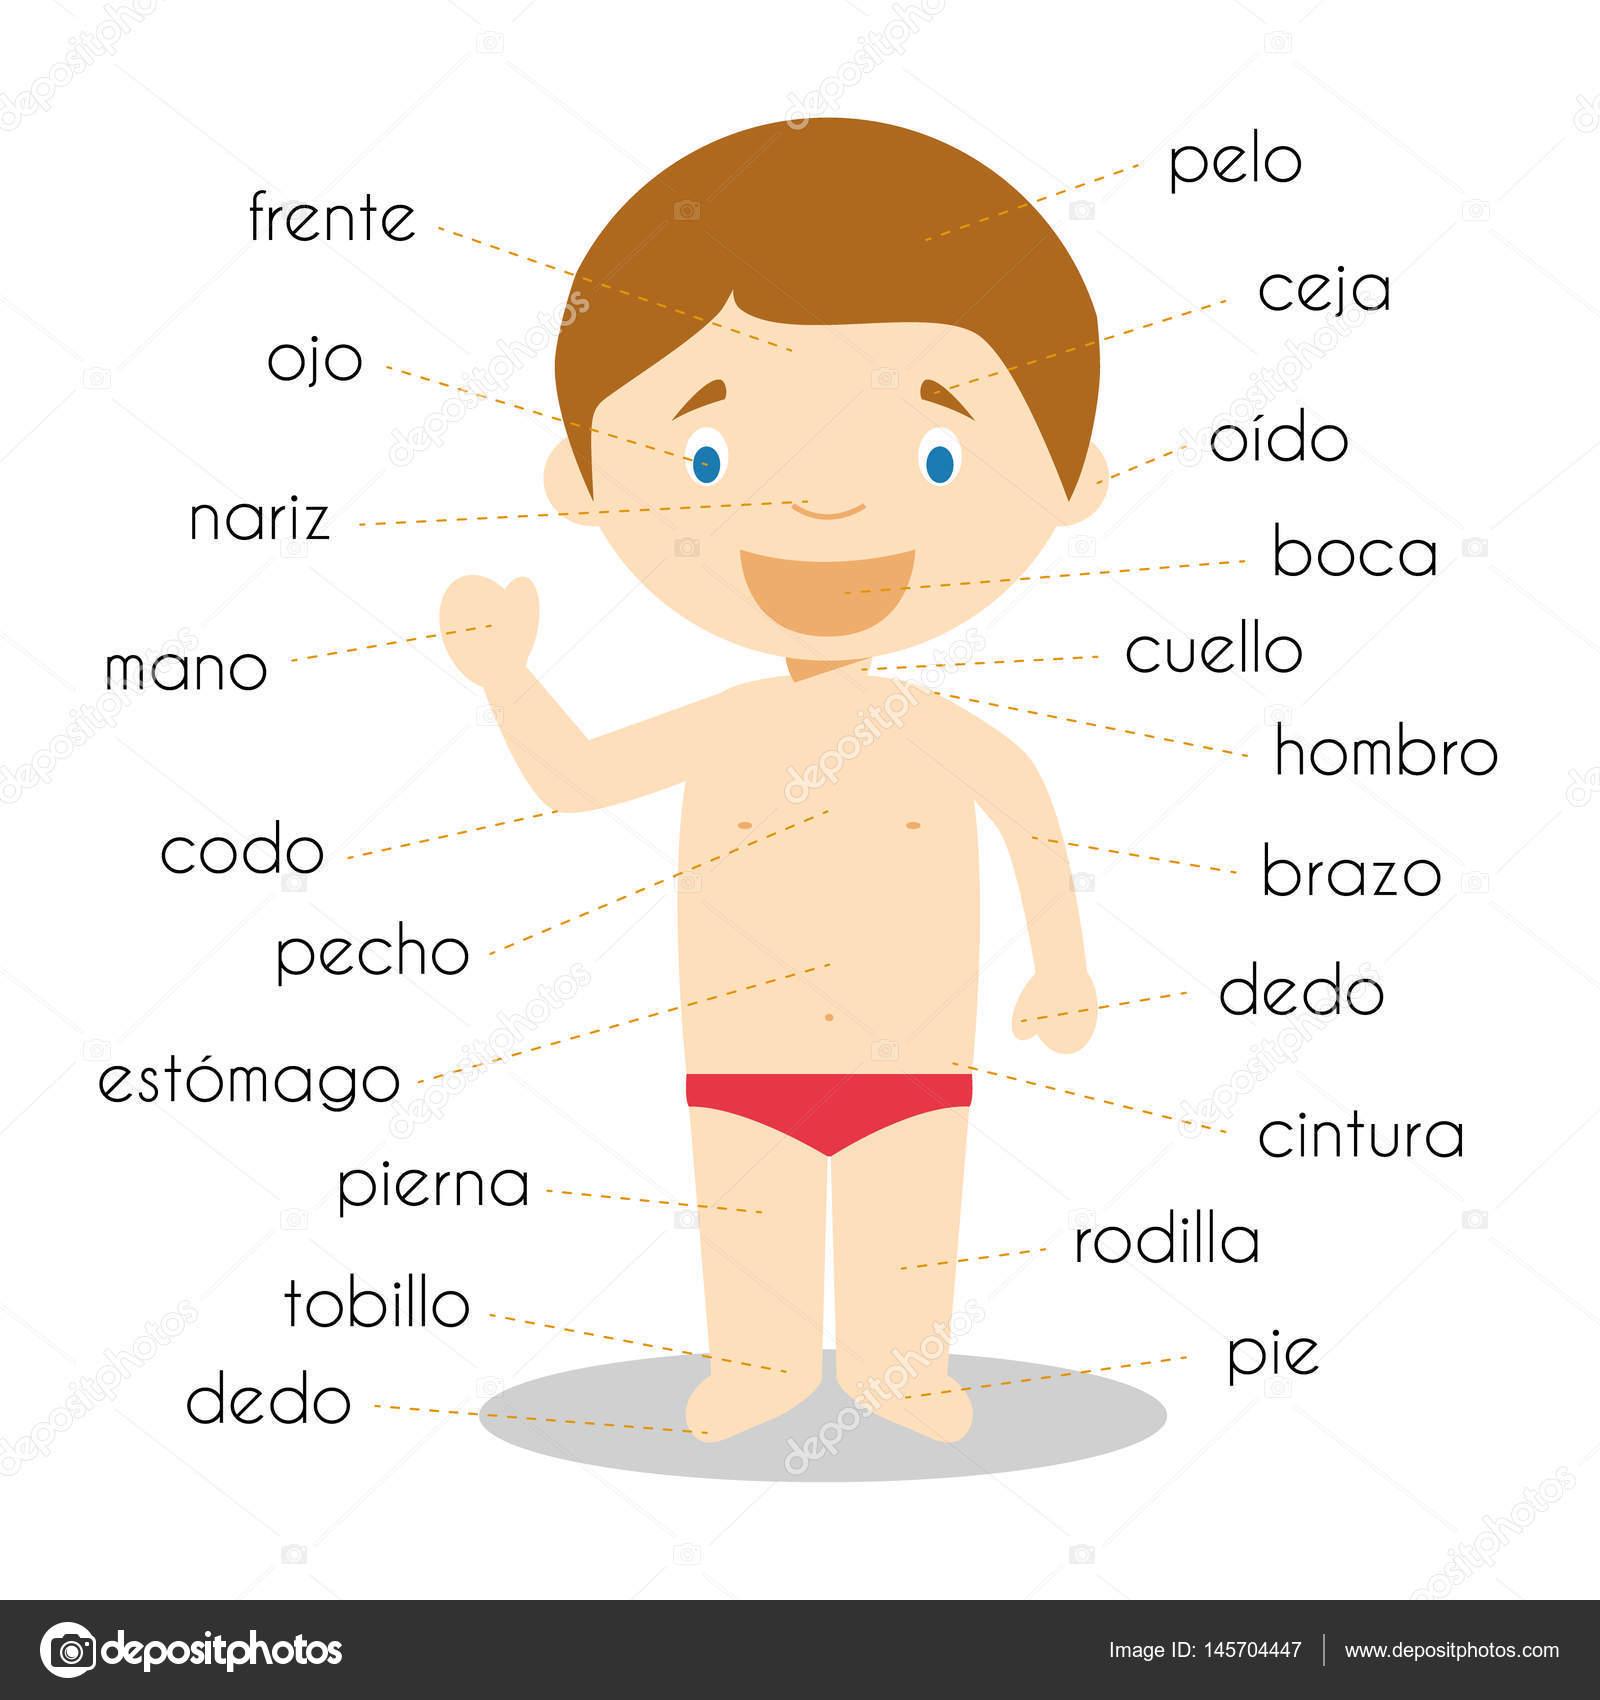 Partes del cuerpo humano vocabulario en Español ilustración ...